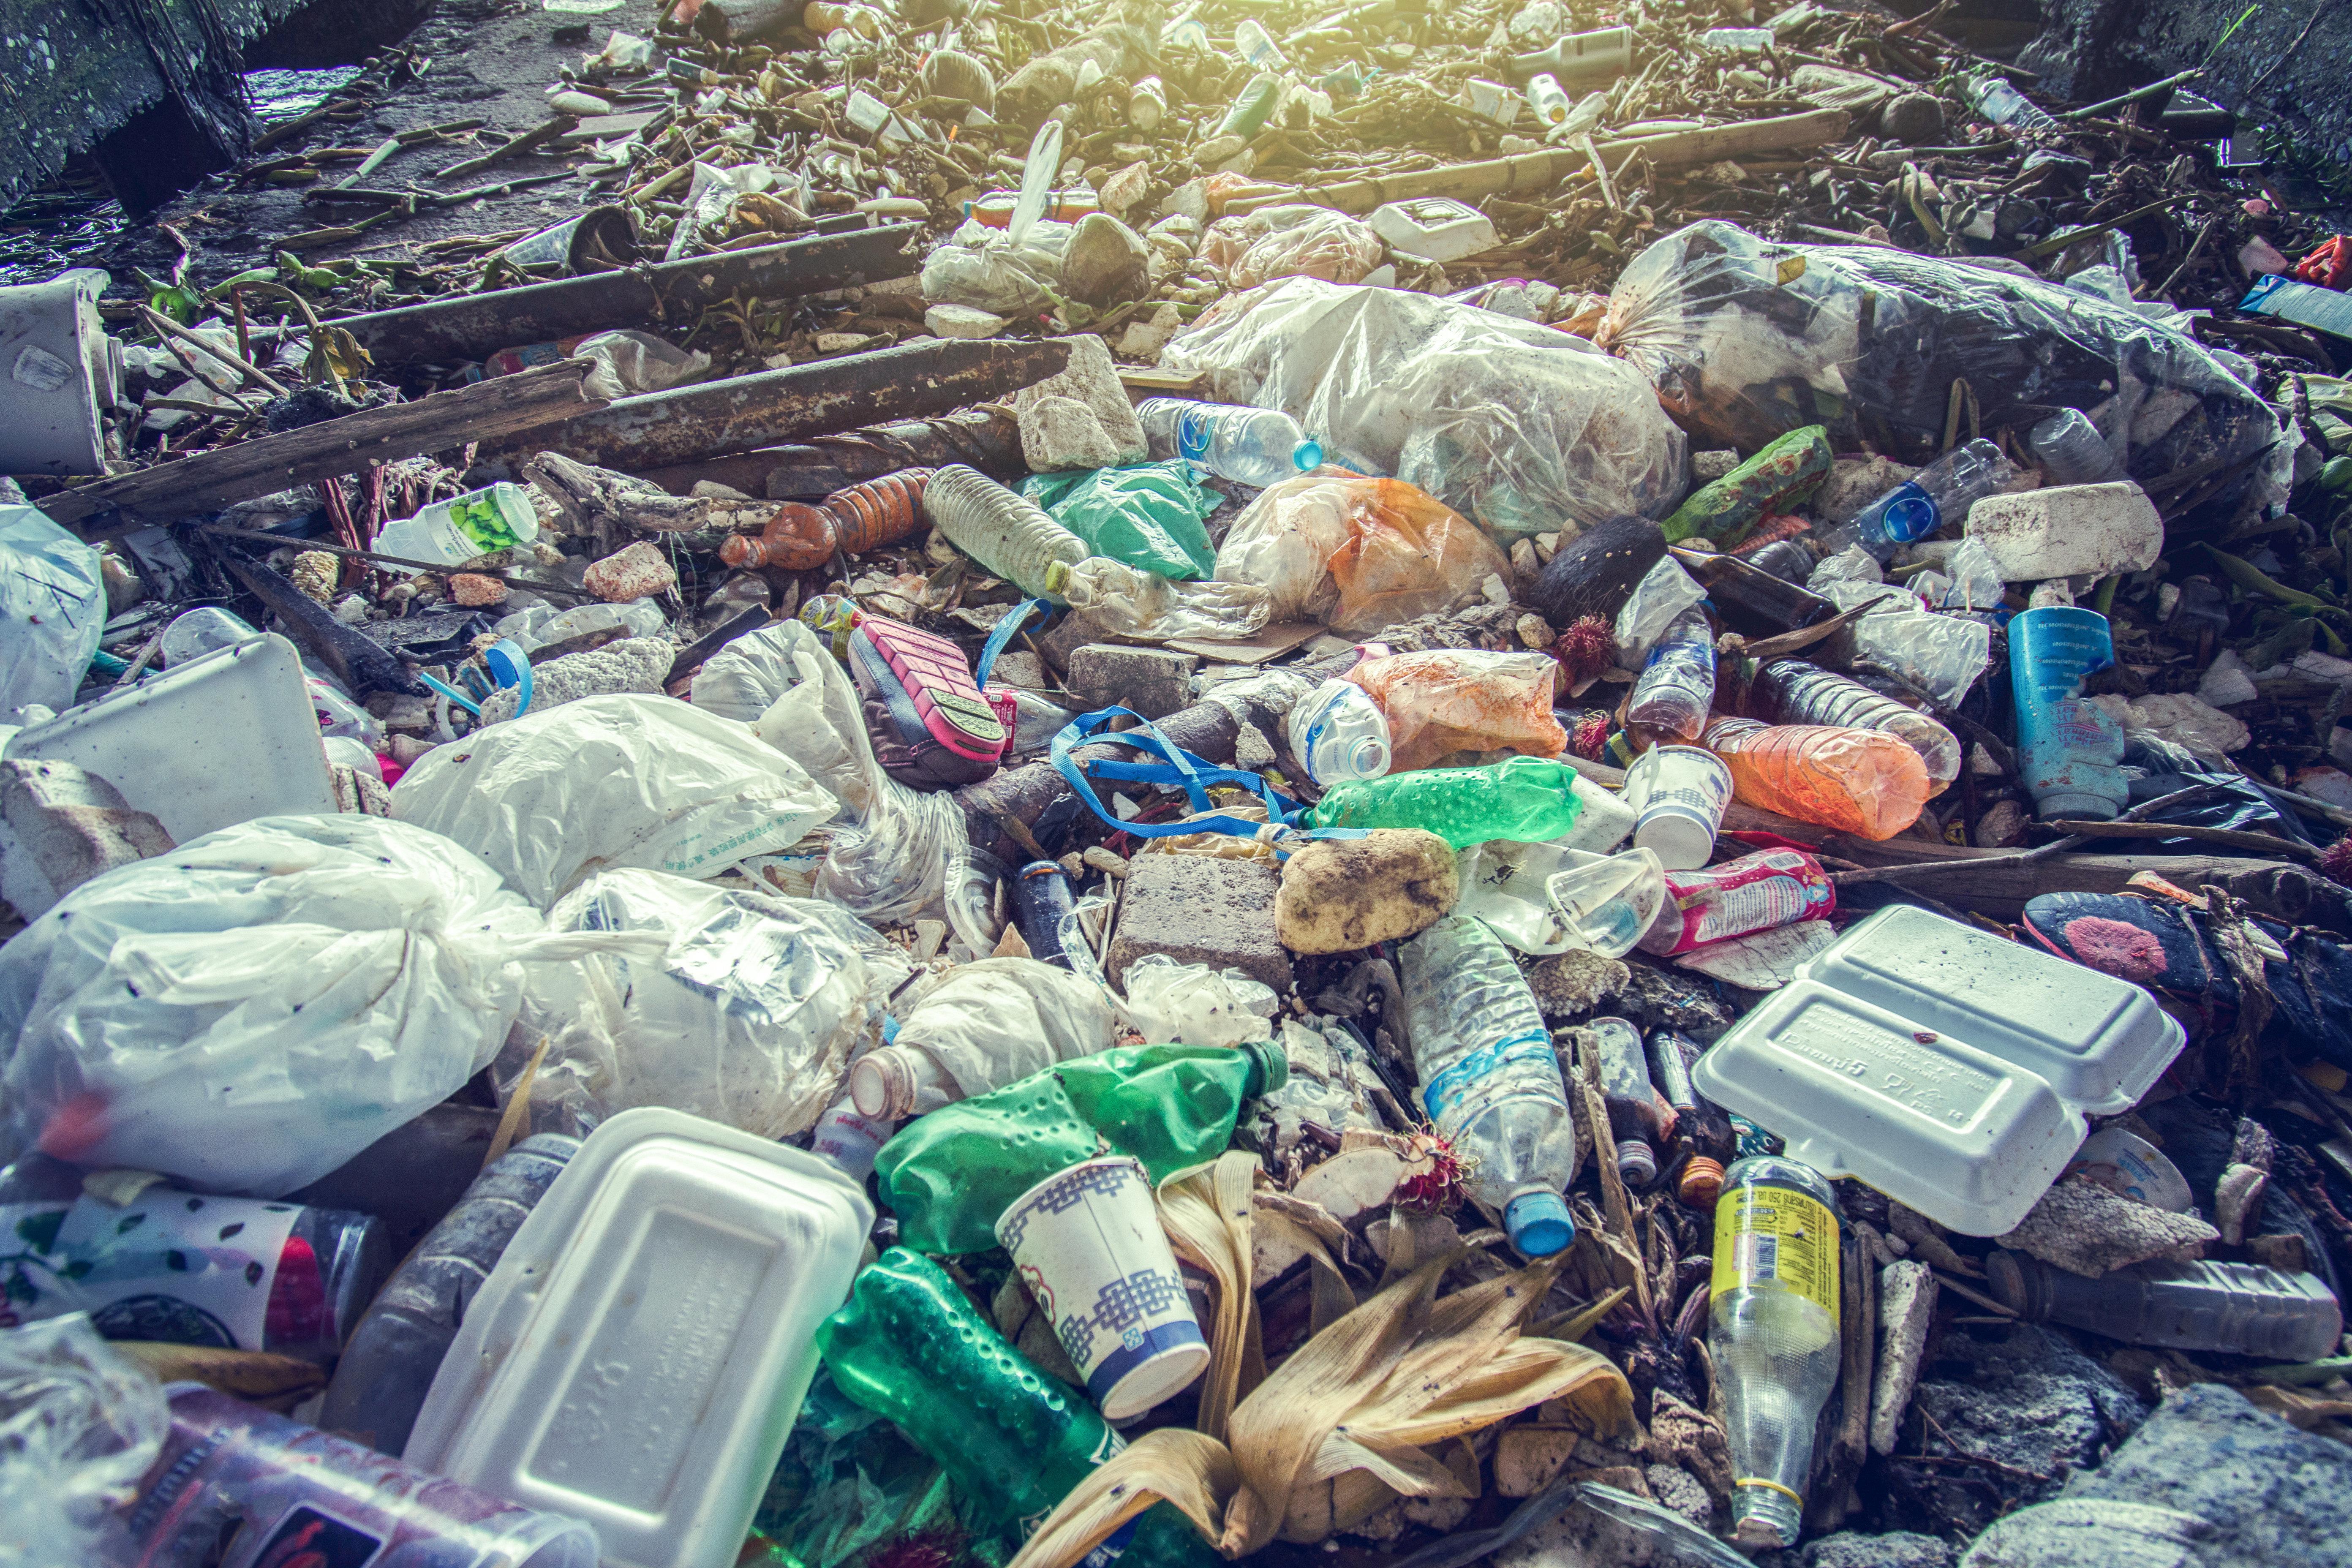 플라스틱은 공해를 일으킬 뿐 아니라 기후변화에도 영향을